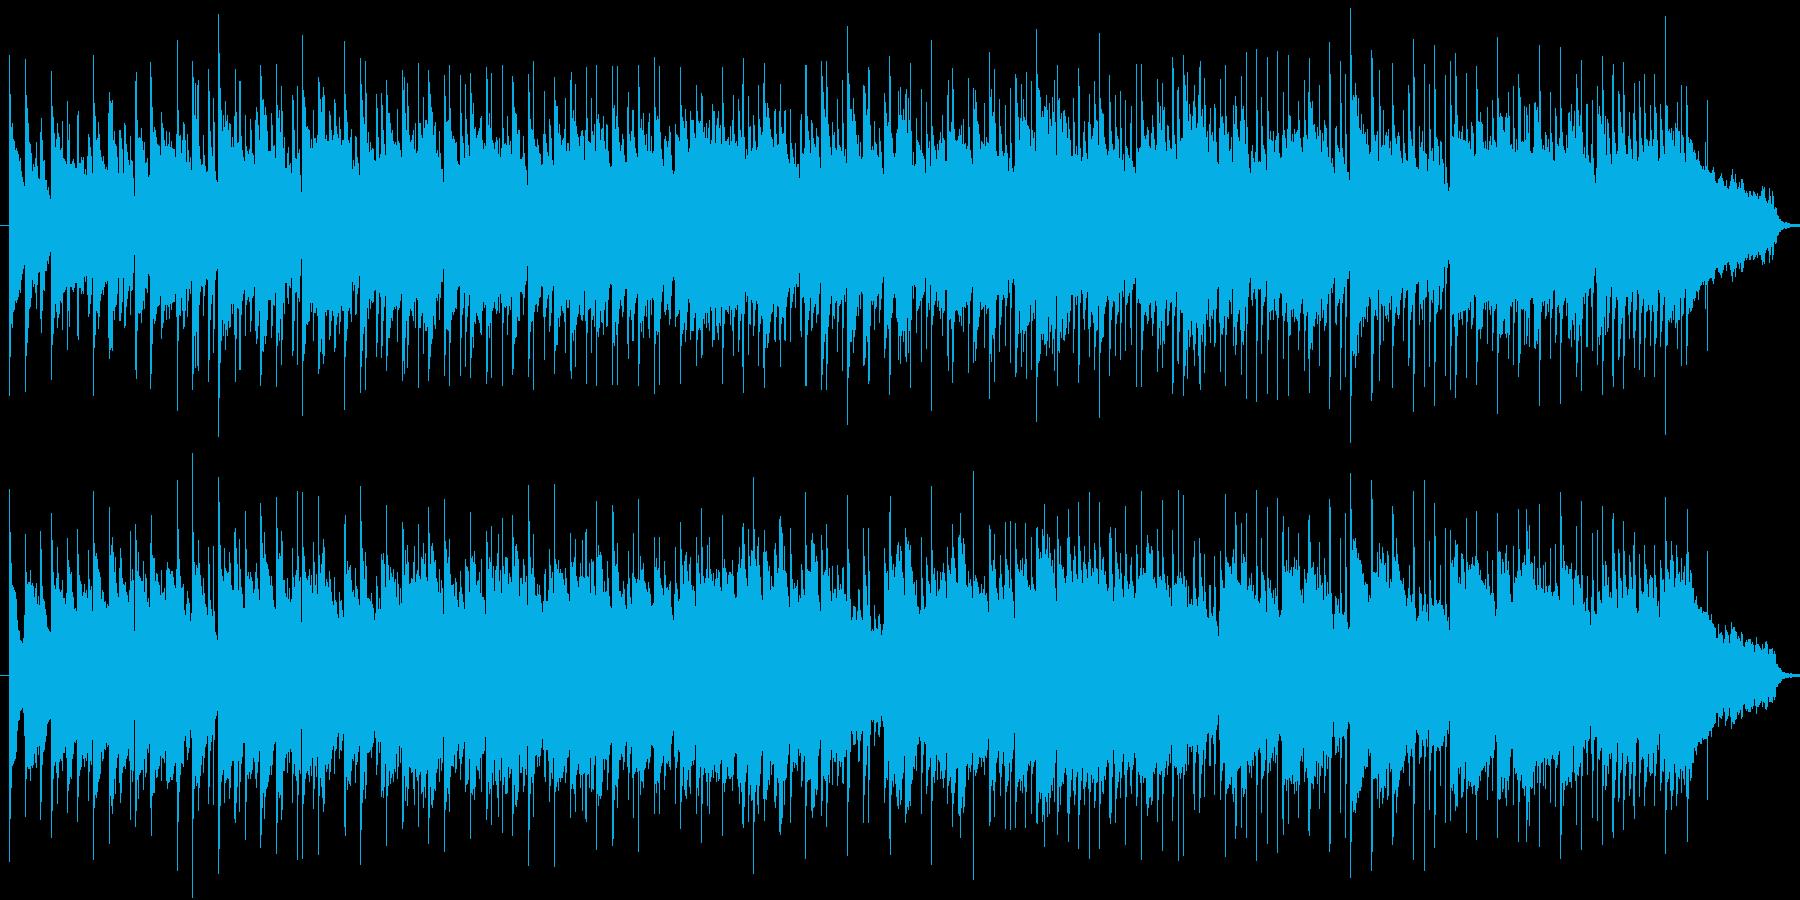 天気予報や一日の終りにしっとりした曲の再生済みの波形